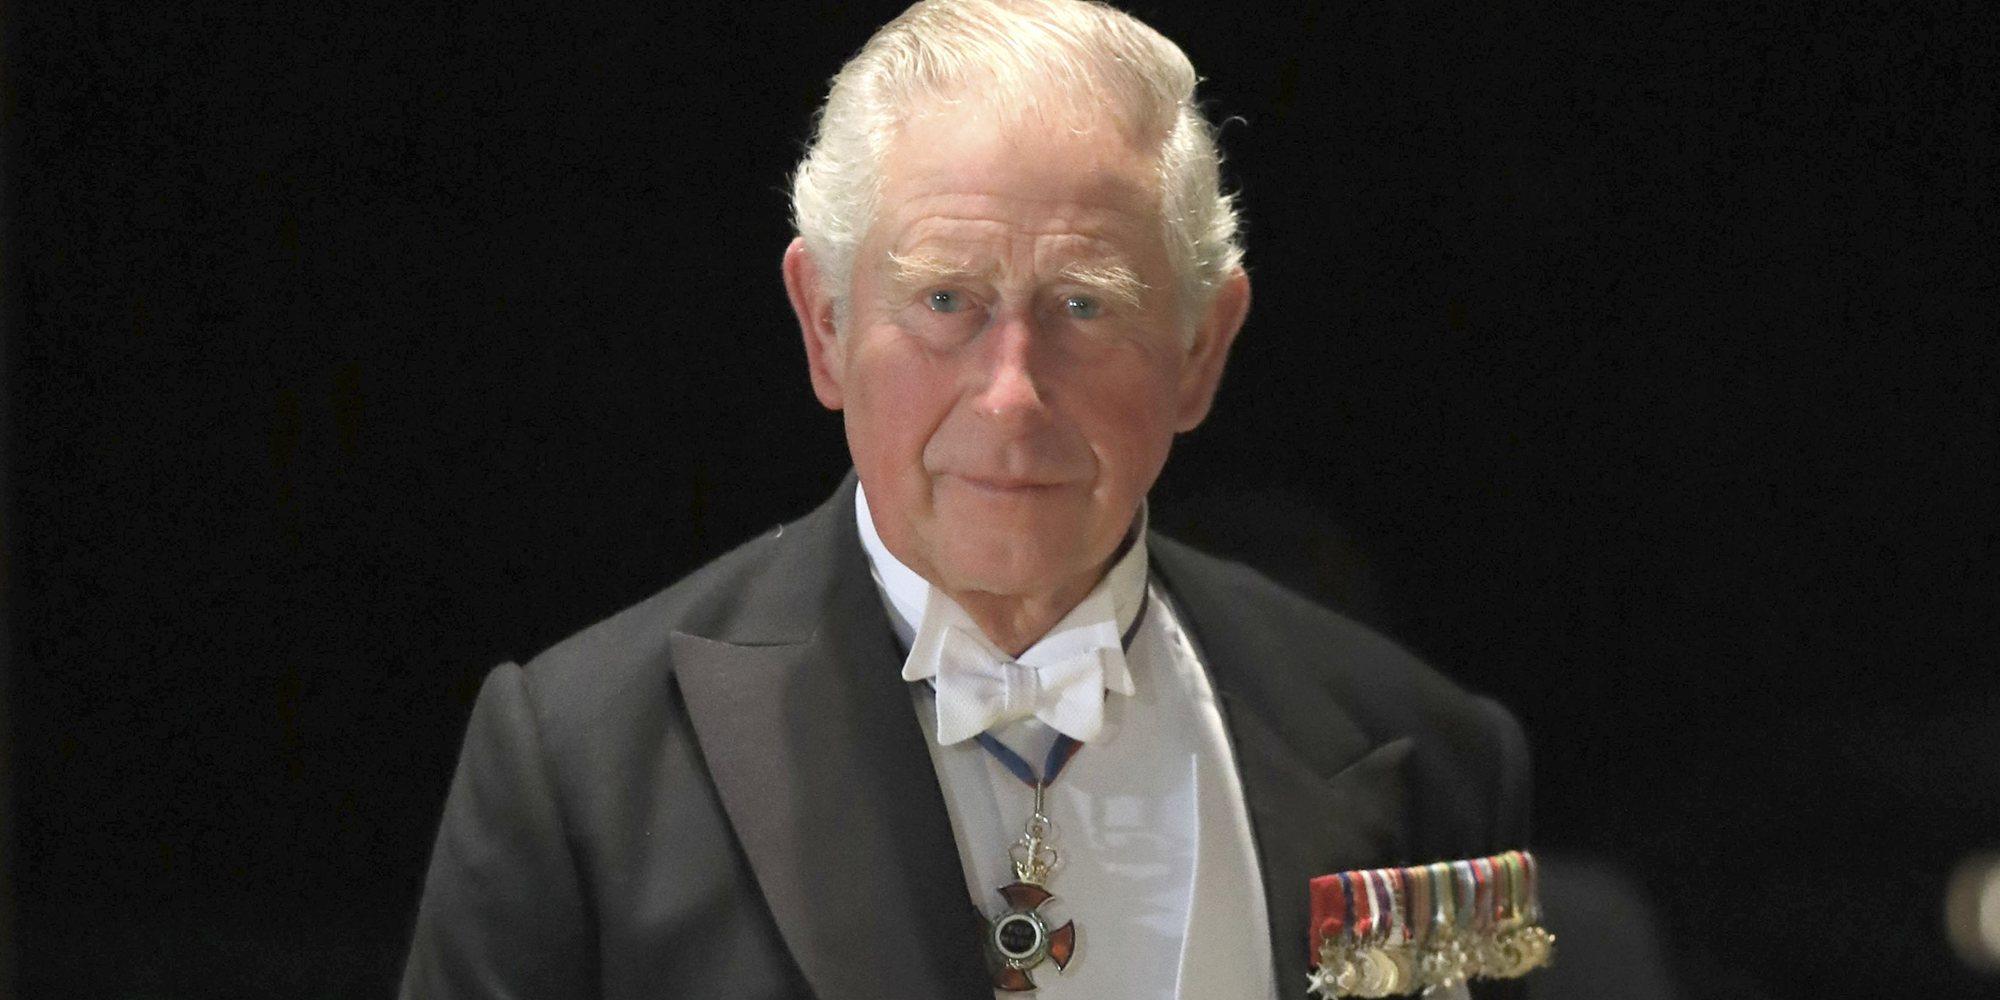 El Príncipe Carlos se reúne con el Duque de Edimburgo para hablar del futuro del Príncipe Andrés